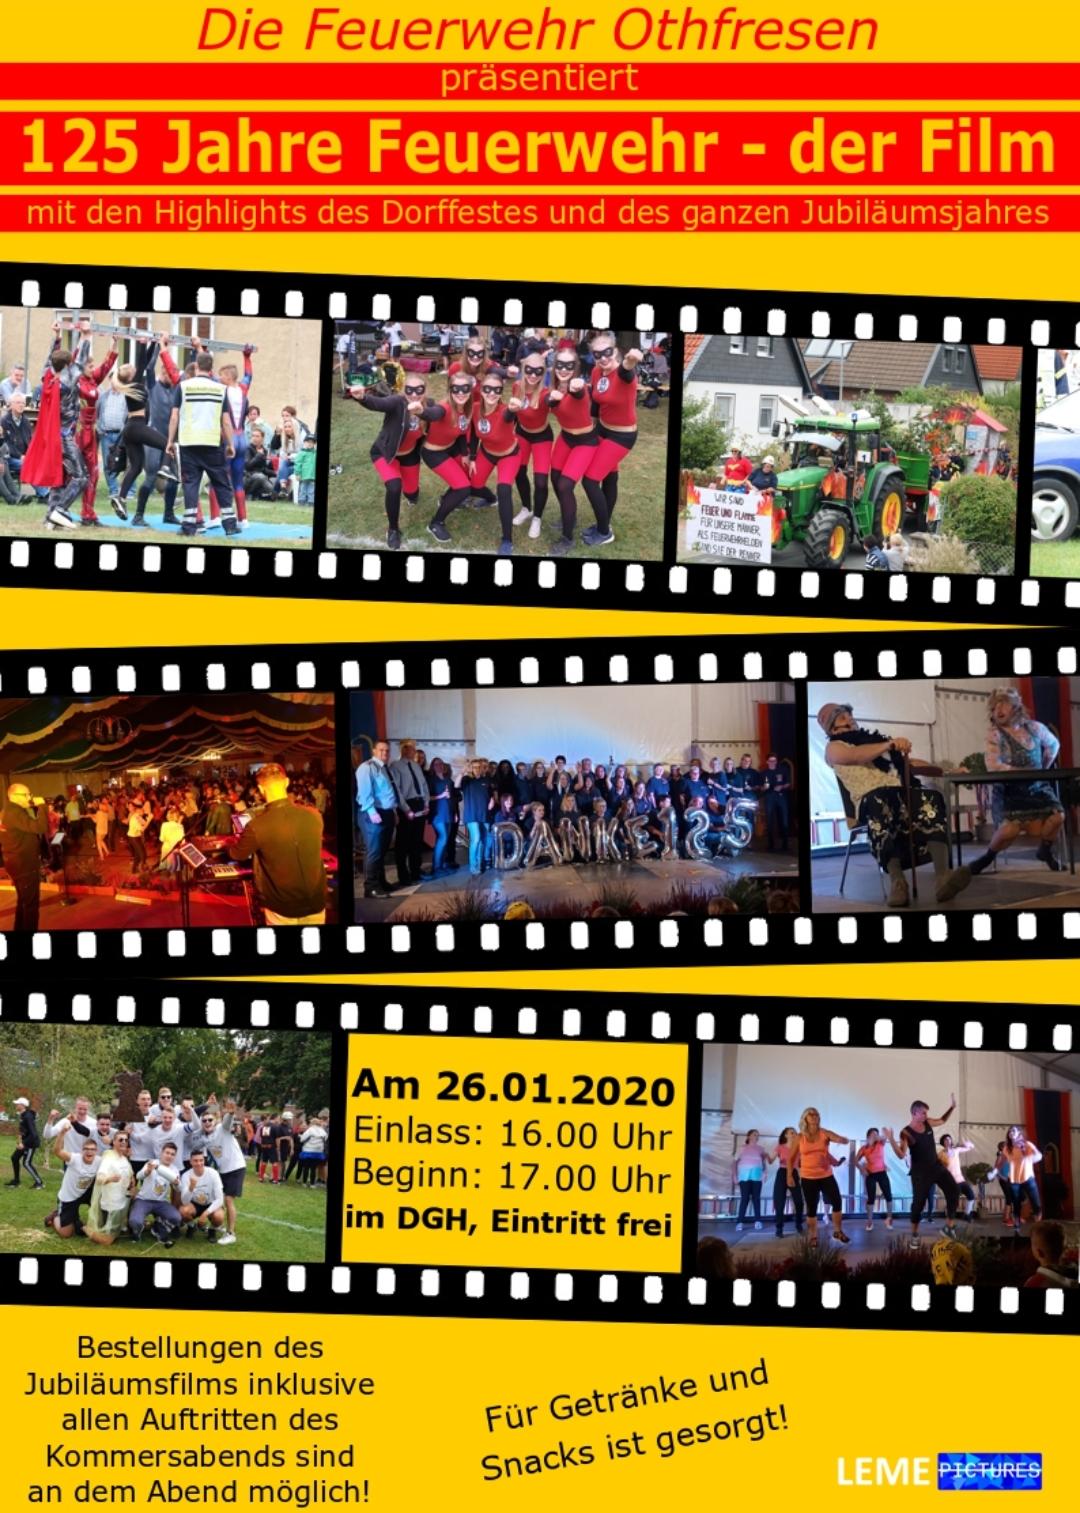 Trailer zum Dorffestfilm